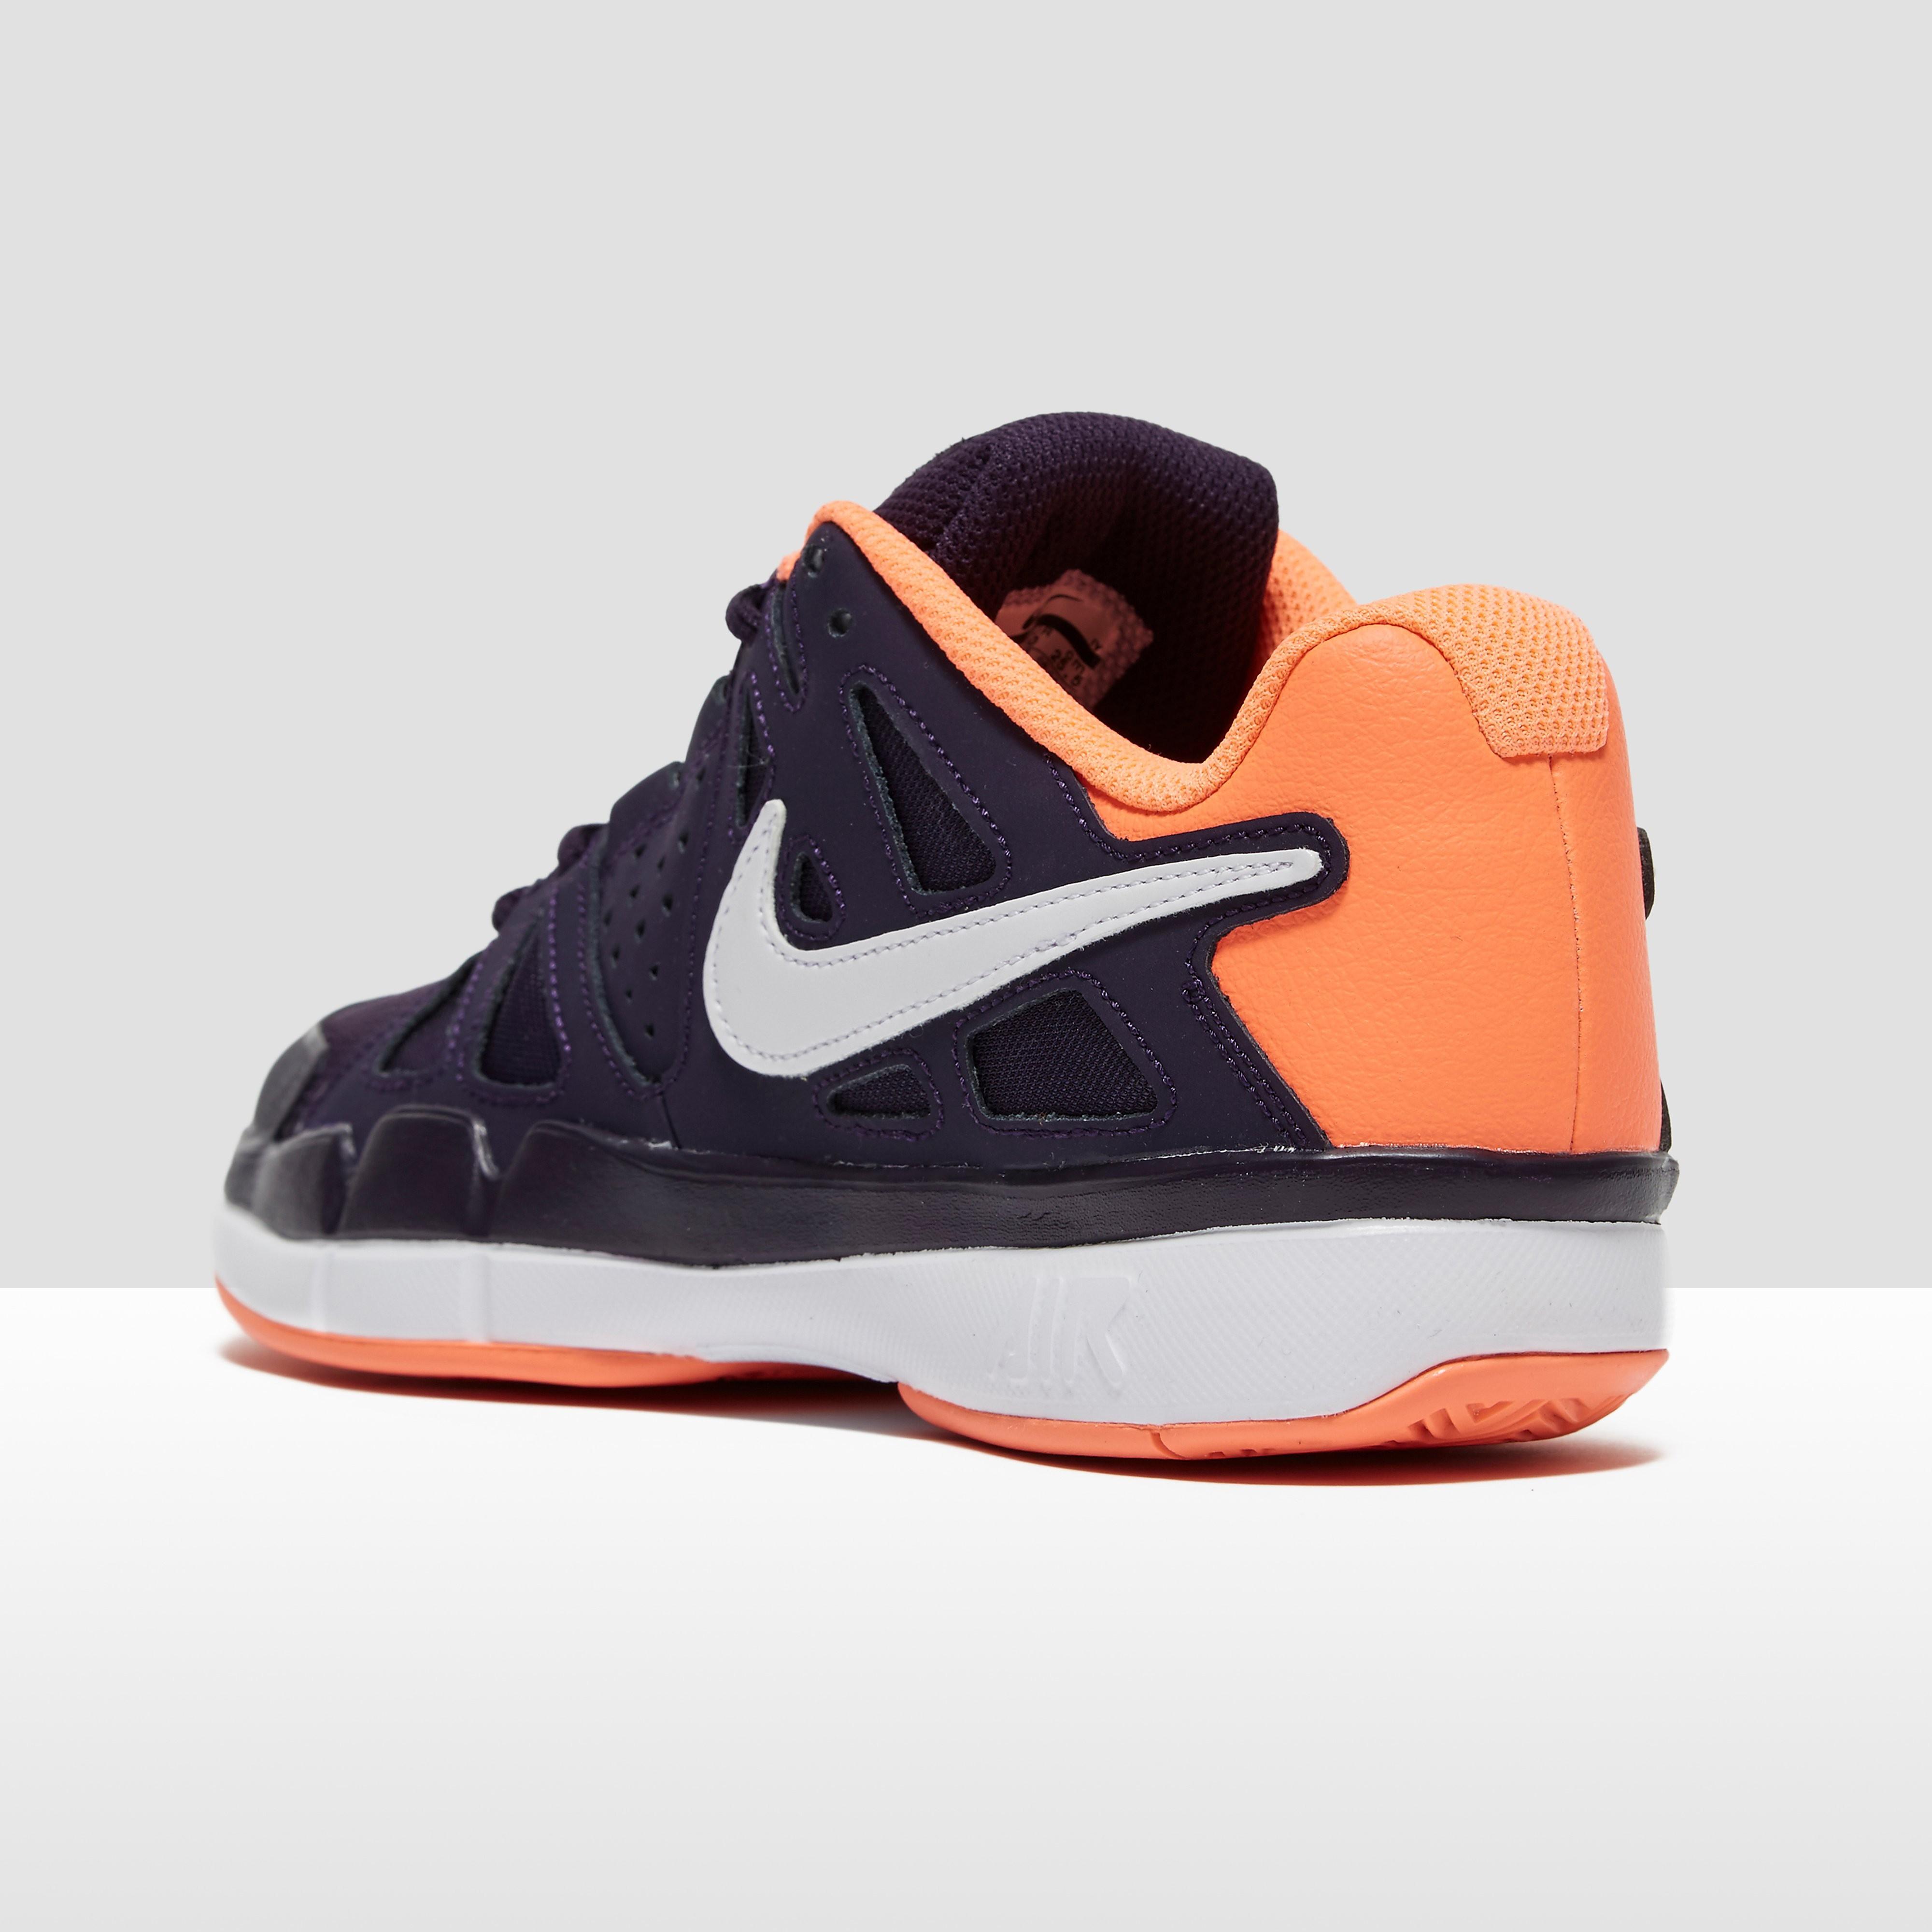 Nike Court Air Vapor Advantage Women's Tennis Shoes